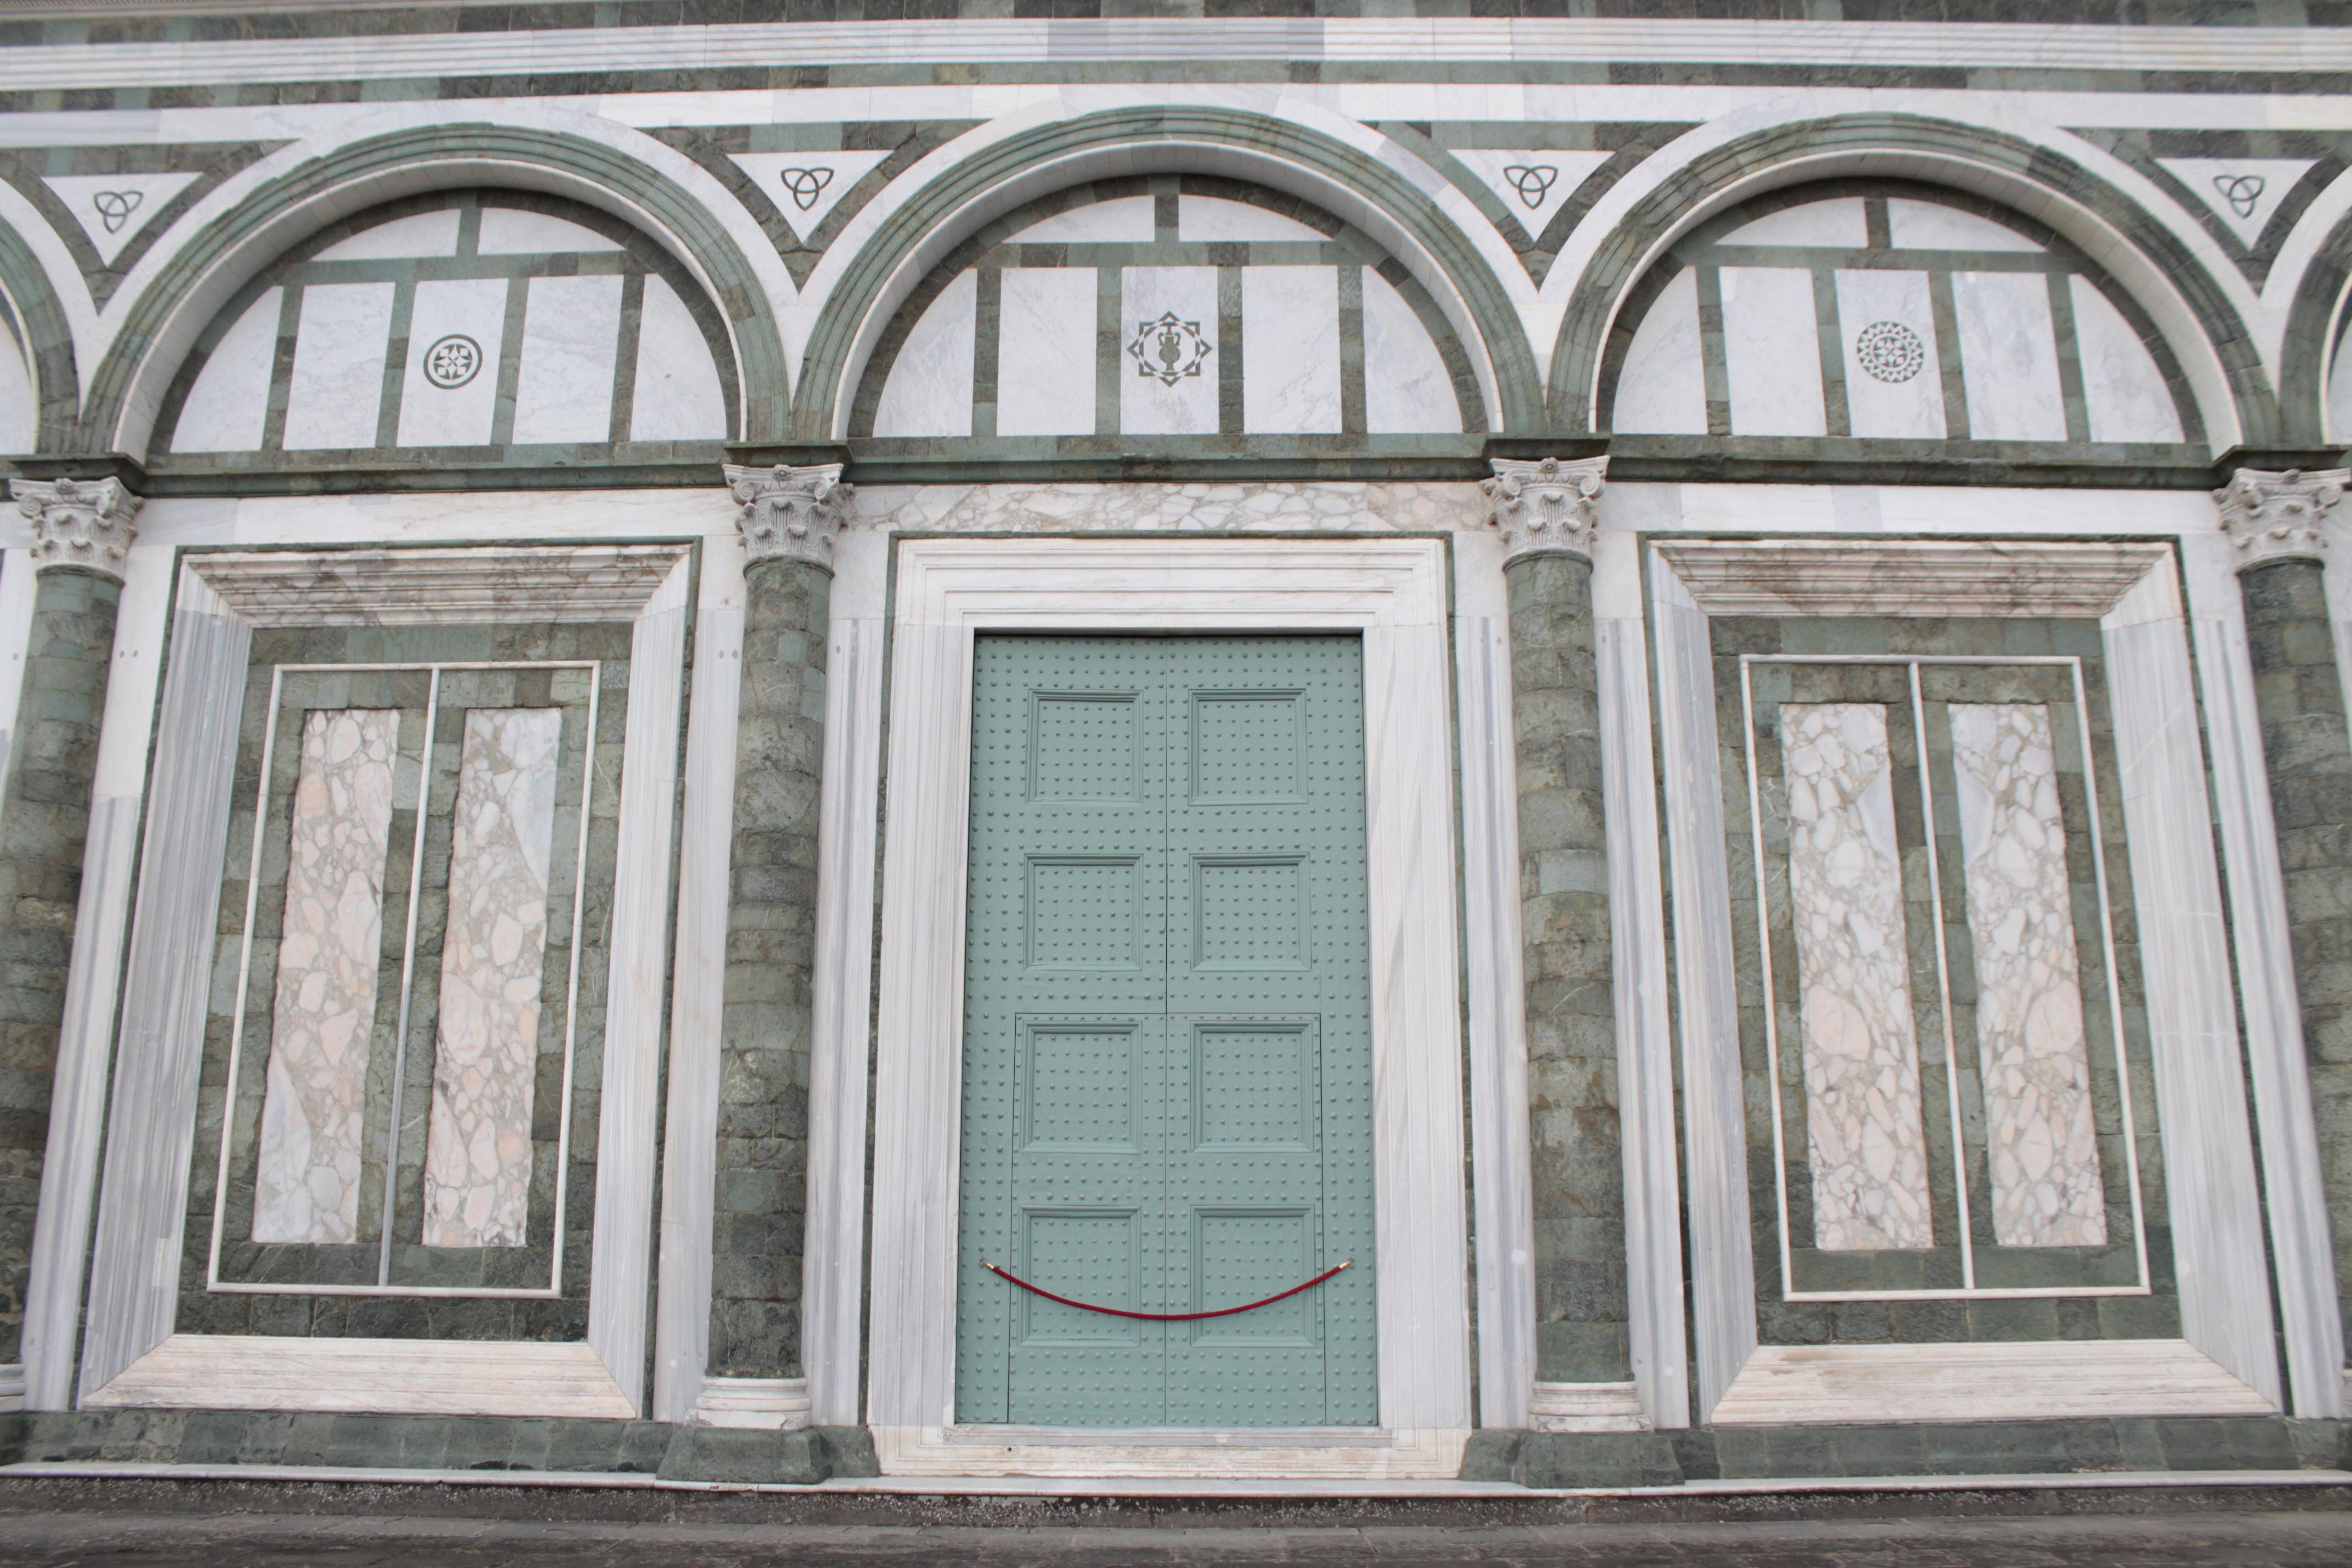 San Miniato al Monte, la facciata caratterizzata da cinque archi a tutto sesto sorretti da colonne inserpentino verdecon basi ecapitelli corinziin marmo bianco